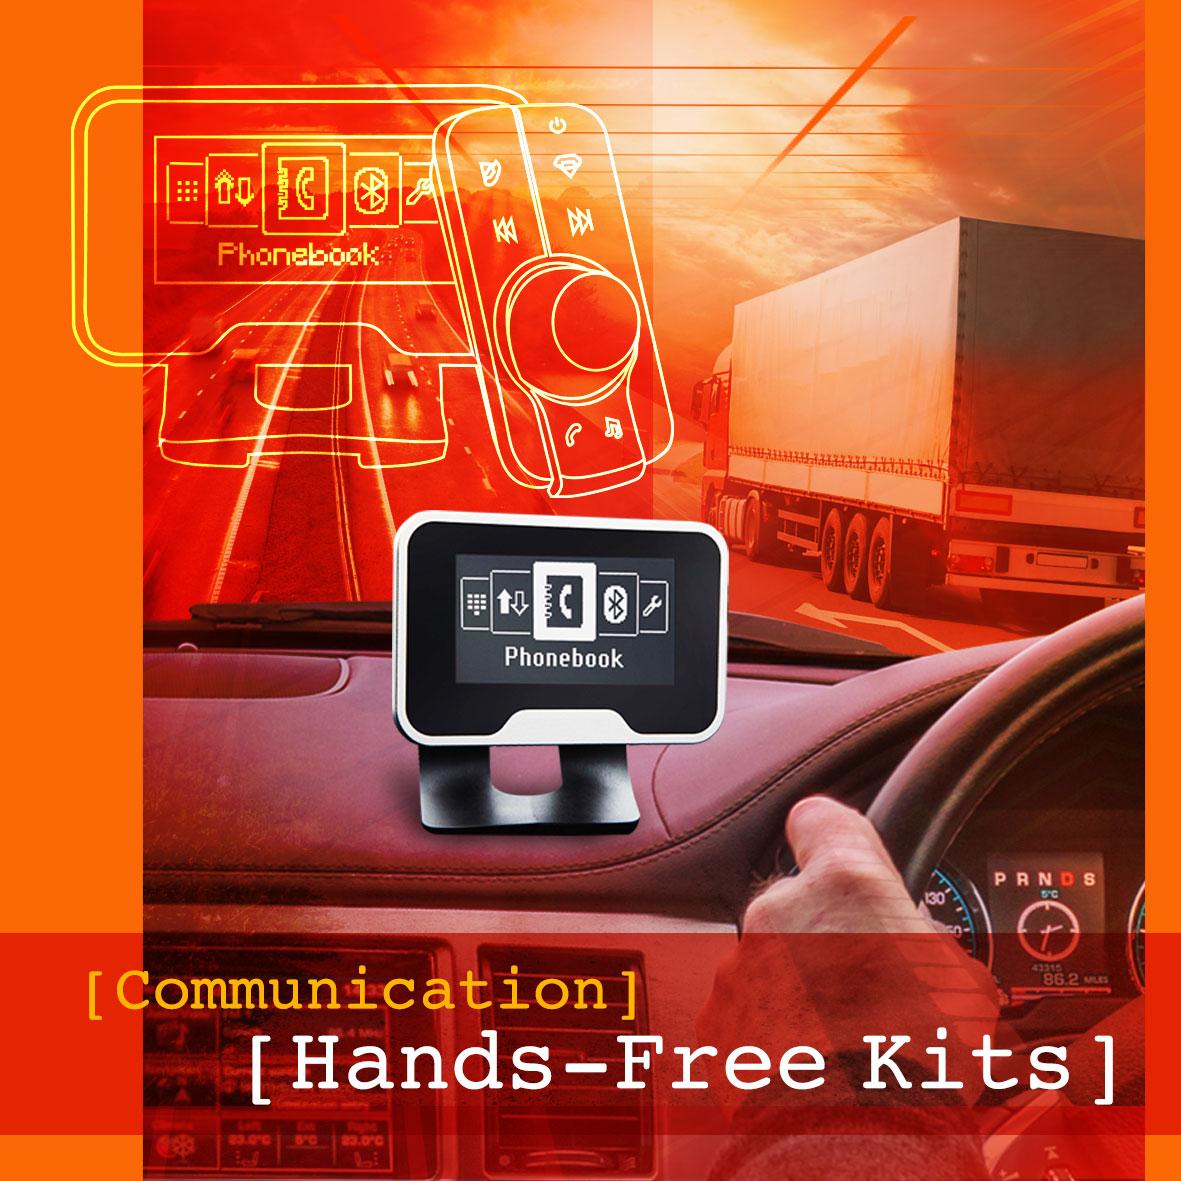 Handsfree Kits